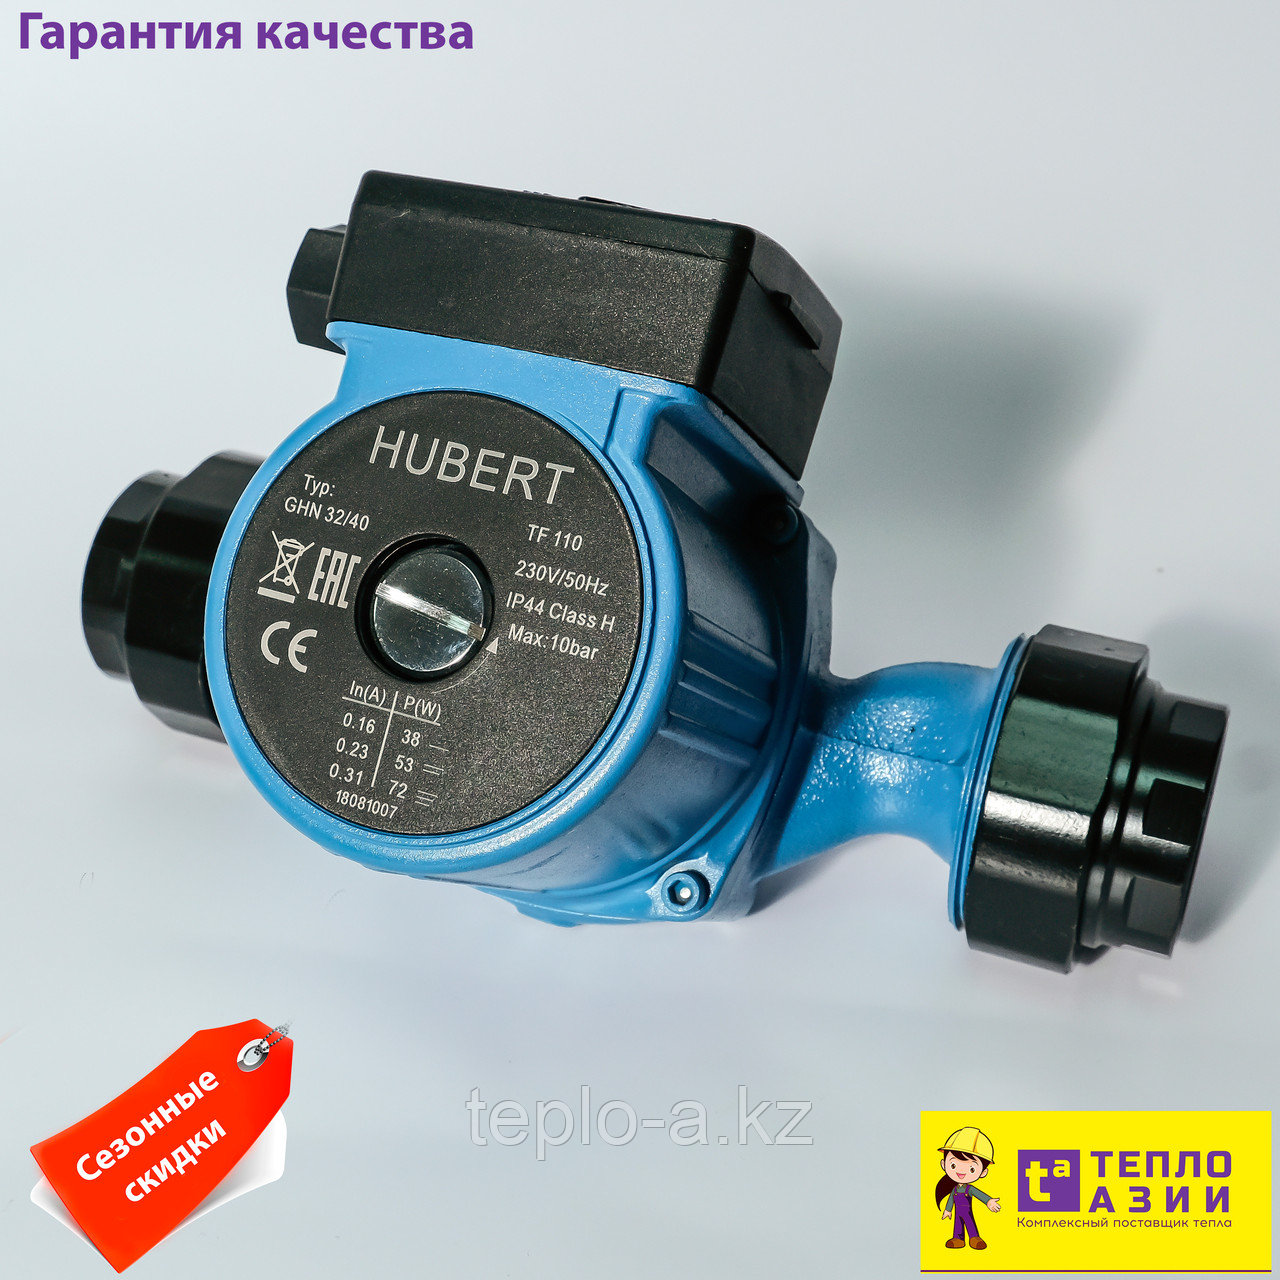 Насос HUBERT GHN 25-6/180